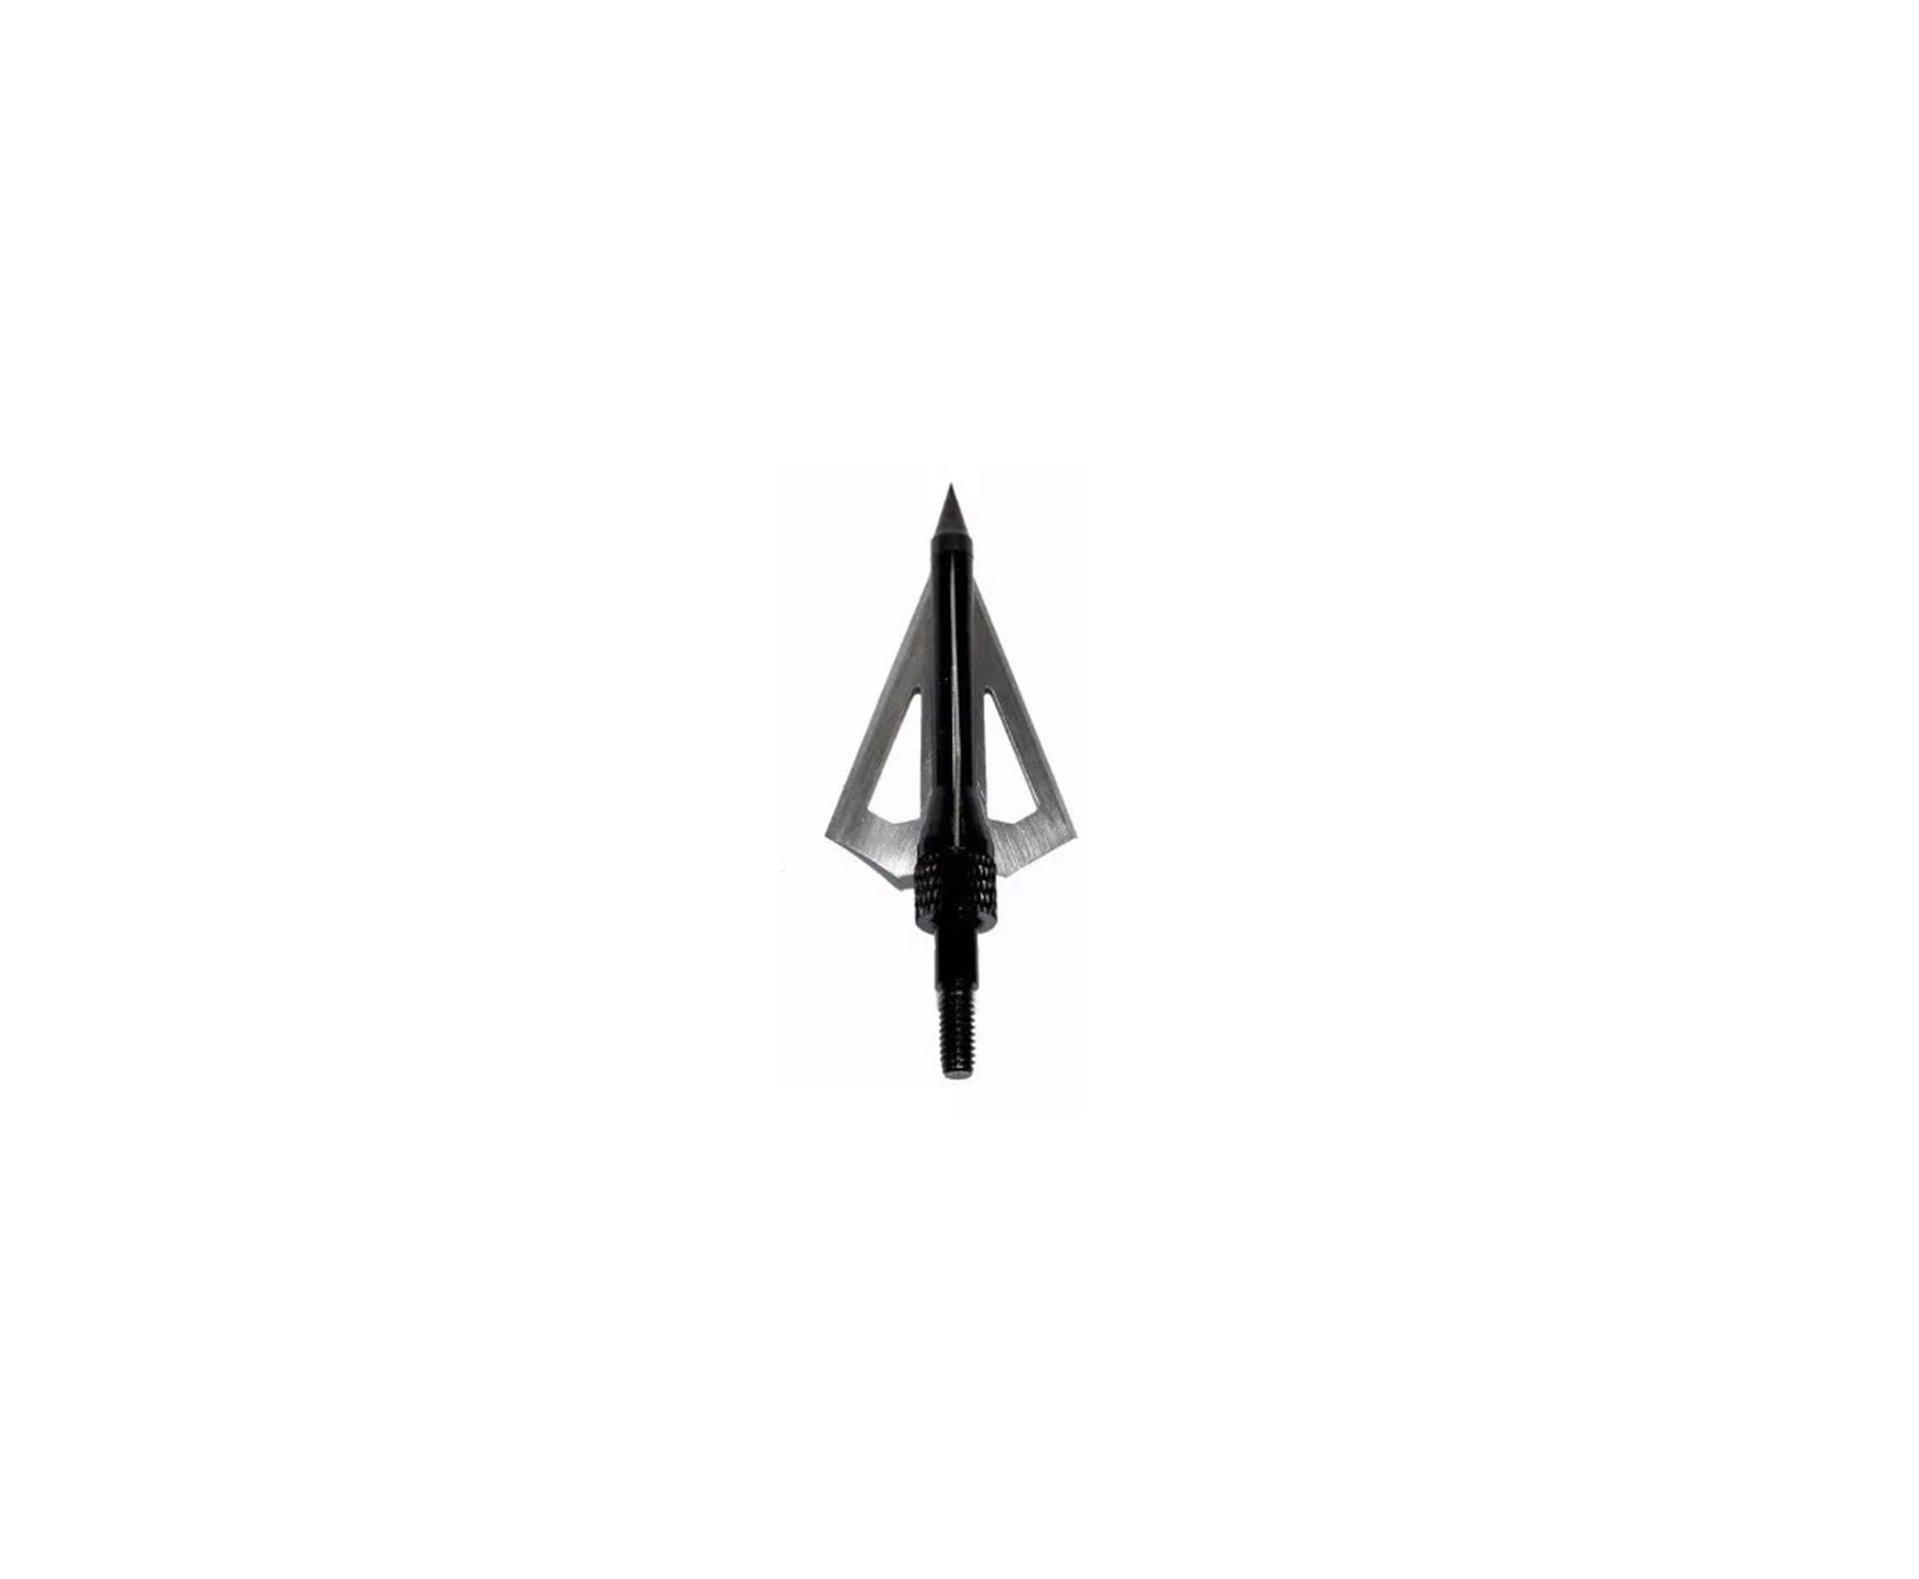 Ponteira De Caça Rosqueável Metal Com 4 Lâminas Mk-4bal - Cartela Com 3 Unid - Man Kung